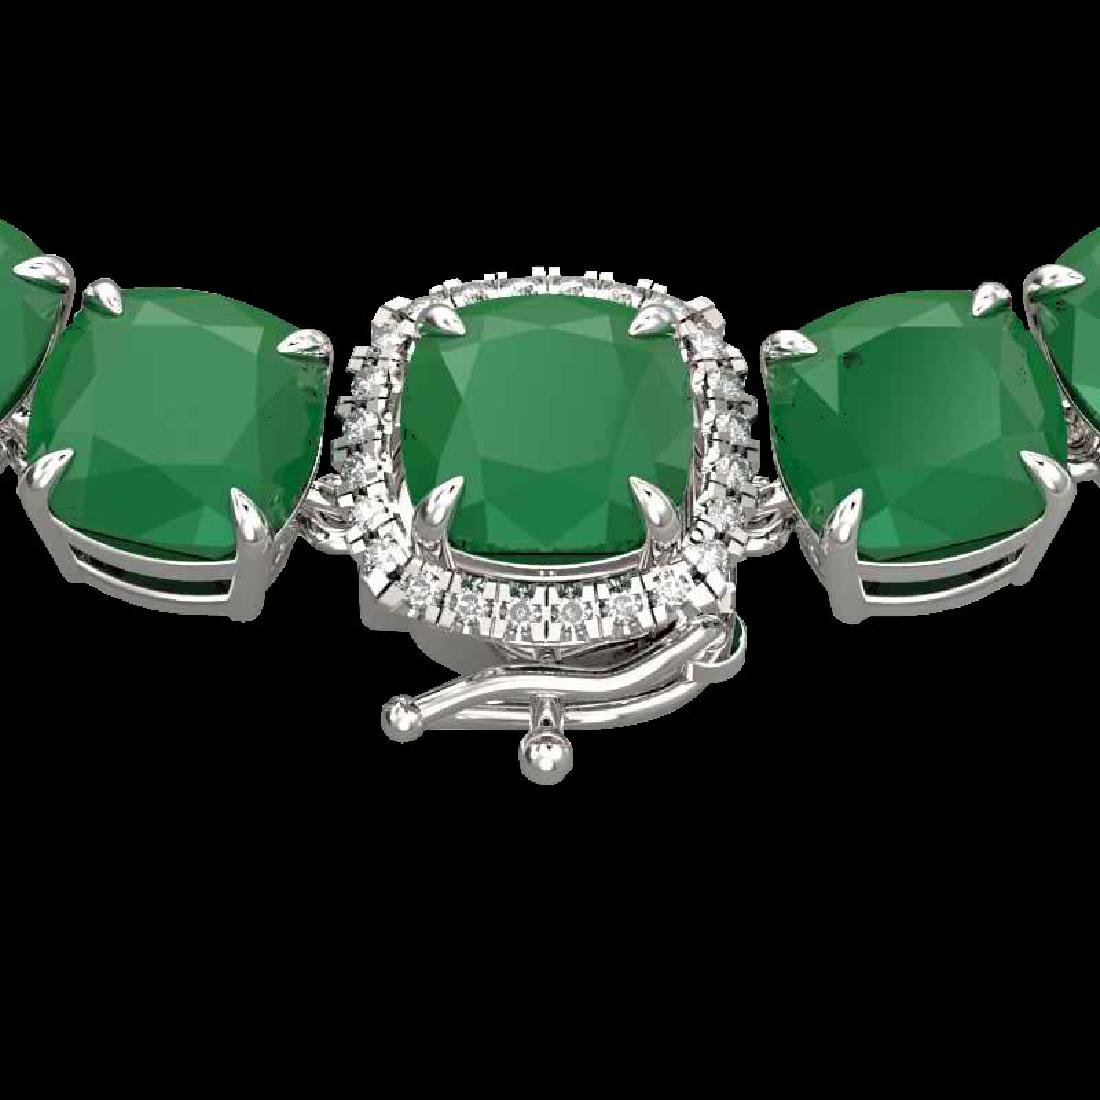 116 CTW Emerald & VS/SI Diamond Halo Micro Pave